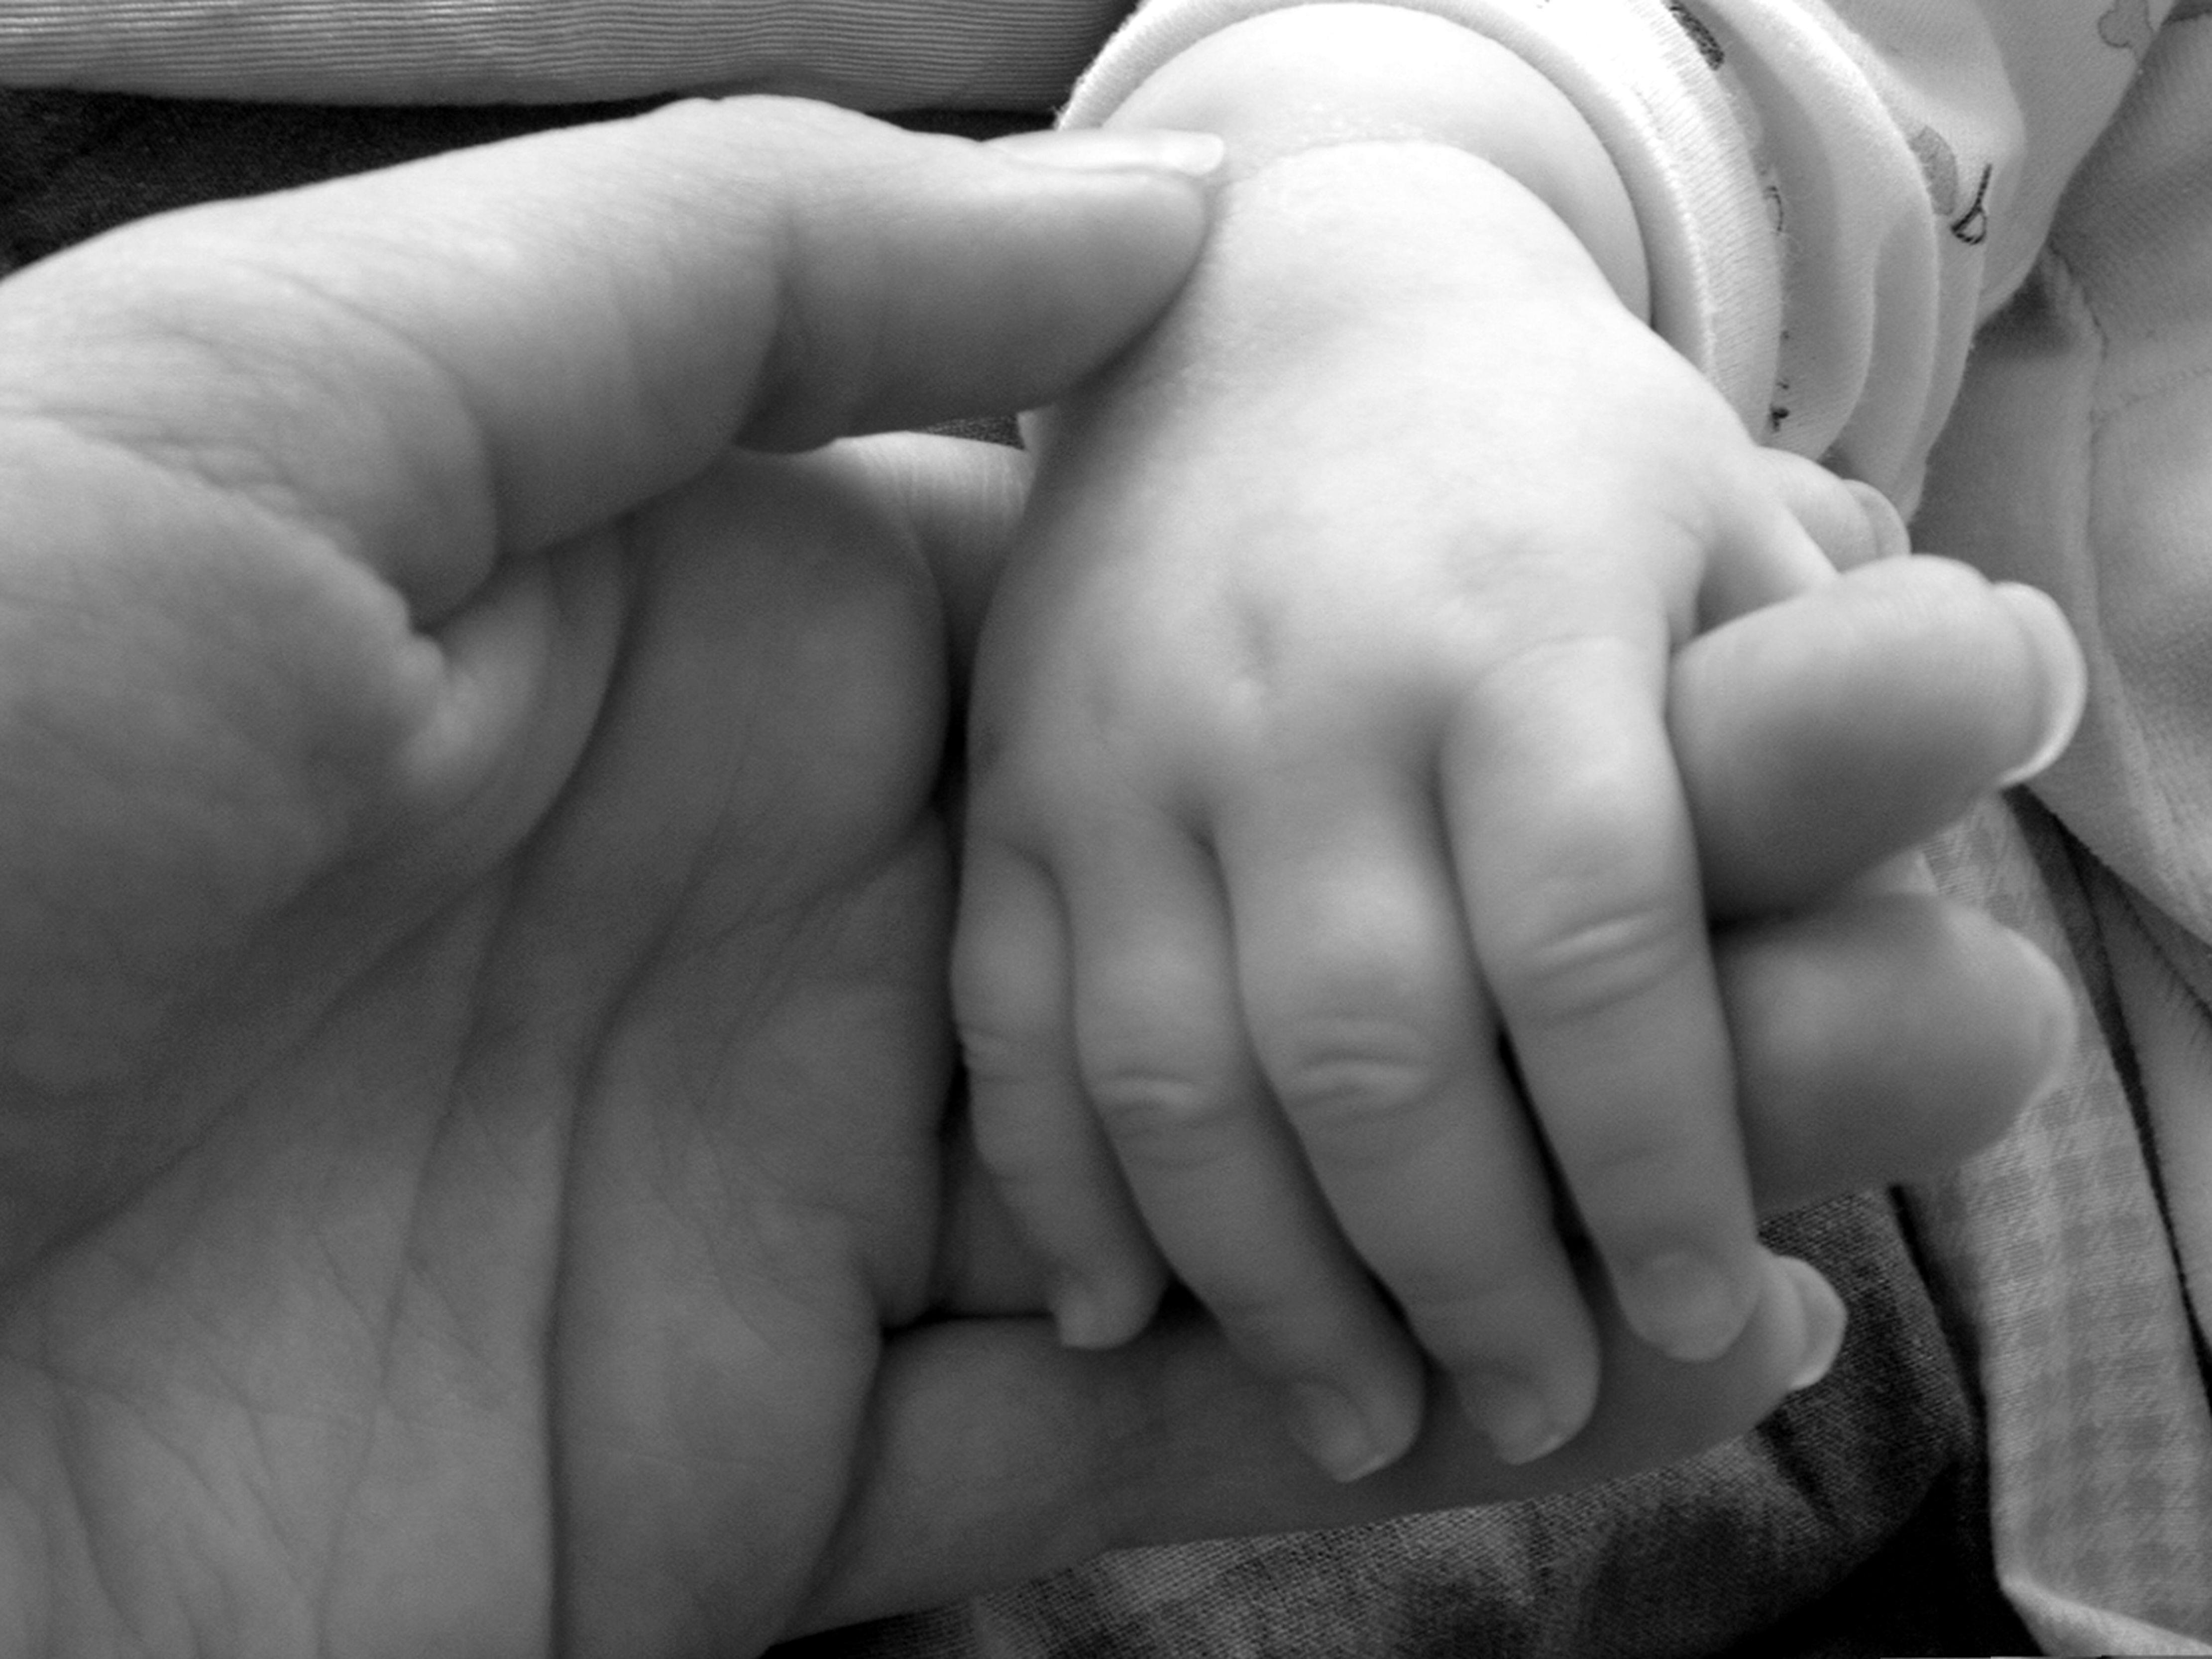 """Die Jugendwohlfahrt kann den Eltern bei """"Gefahr in Verzug"""" die Obsorge über Pflege und Erziehung der Kinder entziehen."""